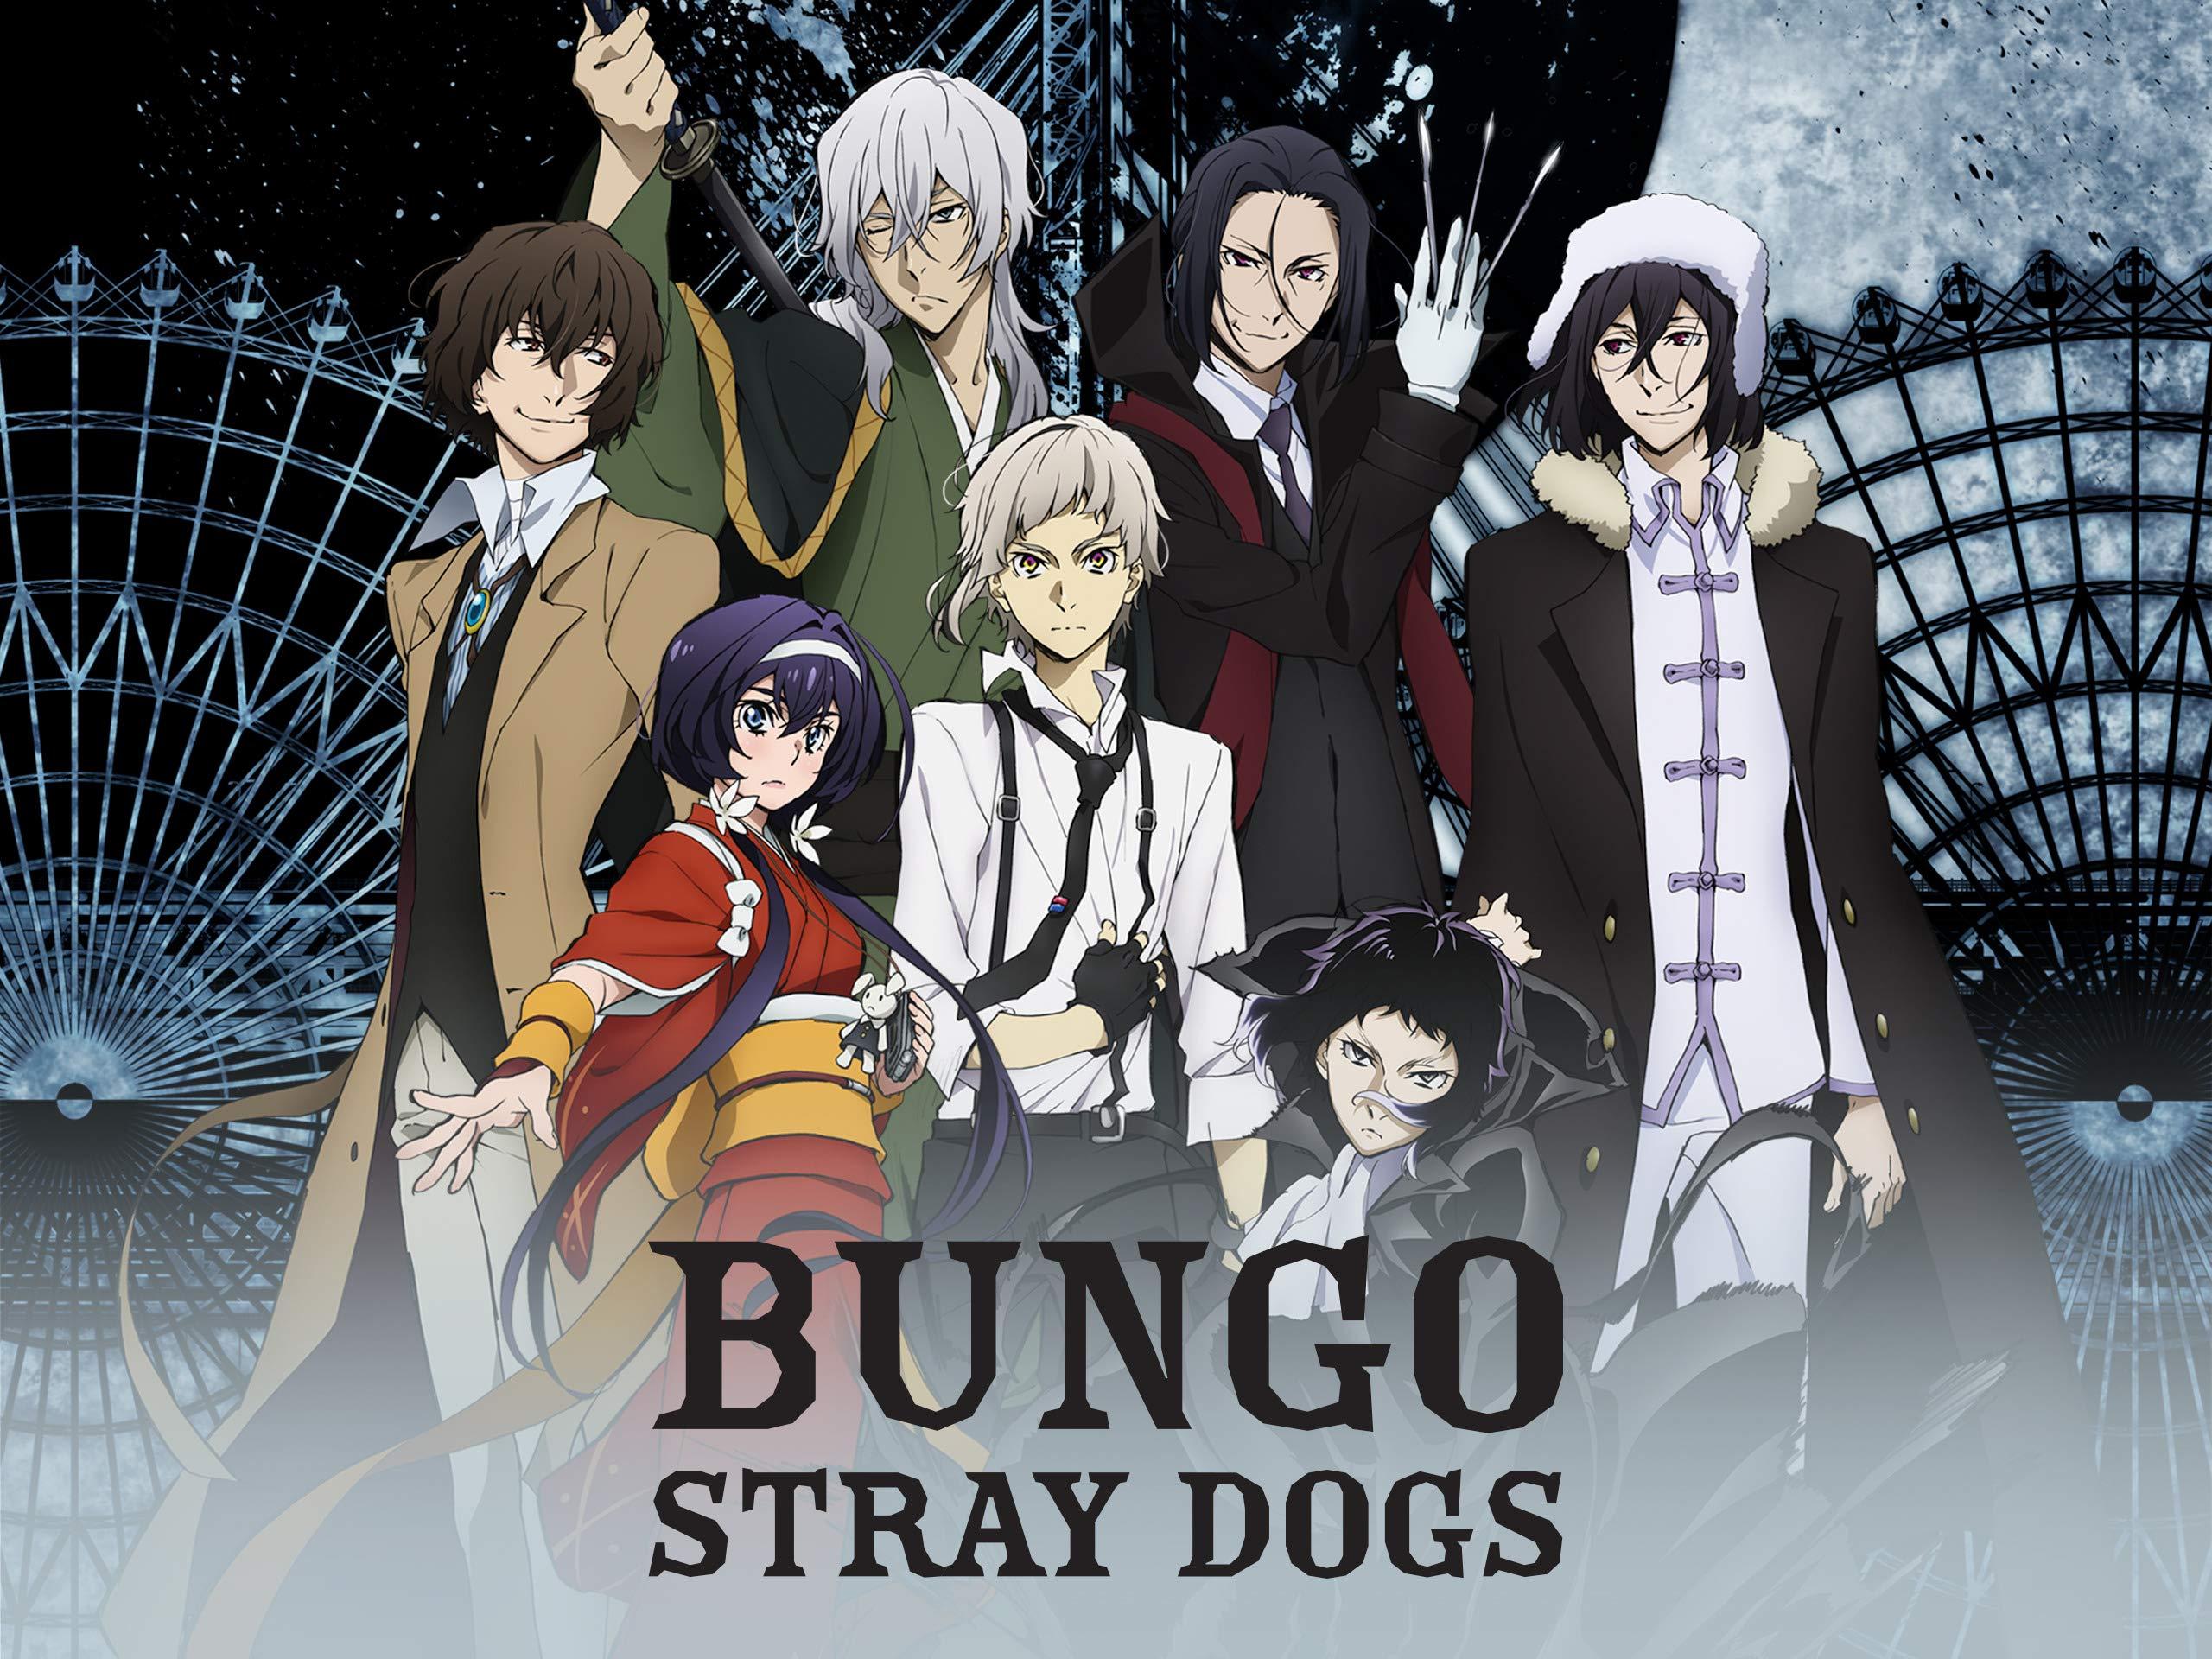 Watch Bungo Stray Dogs Season 3 Original Japanese Version